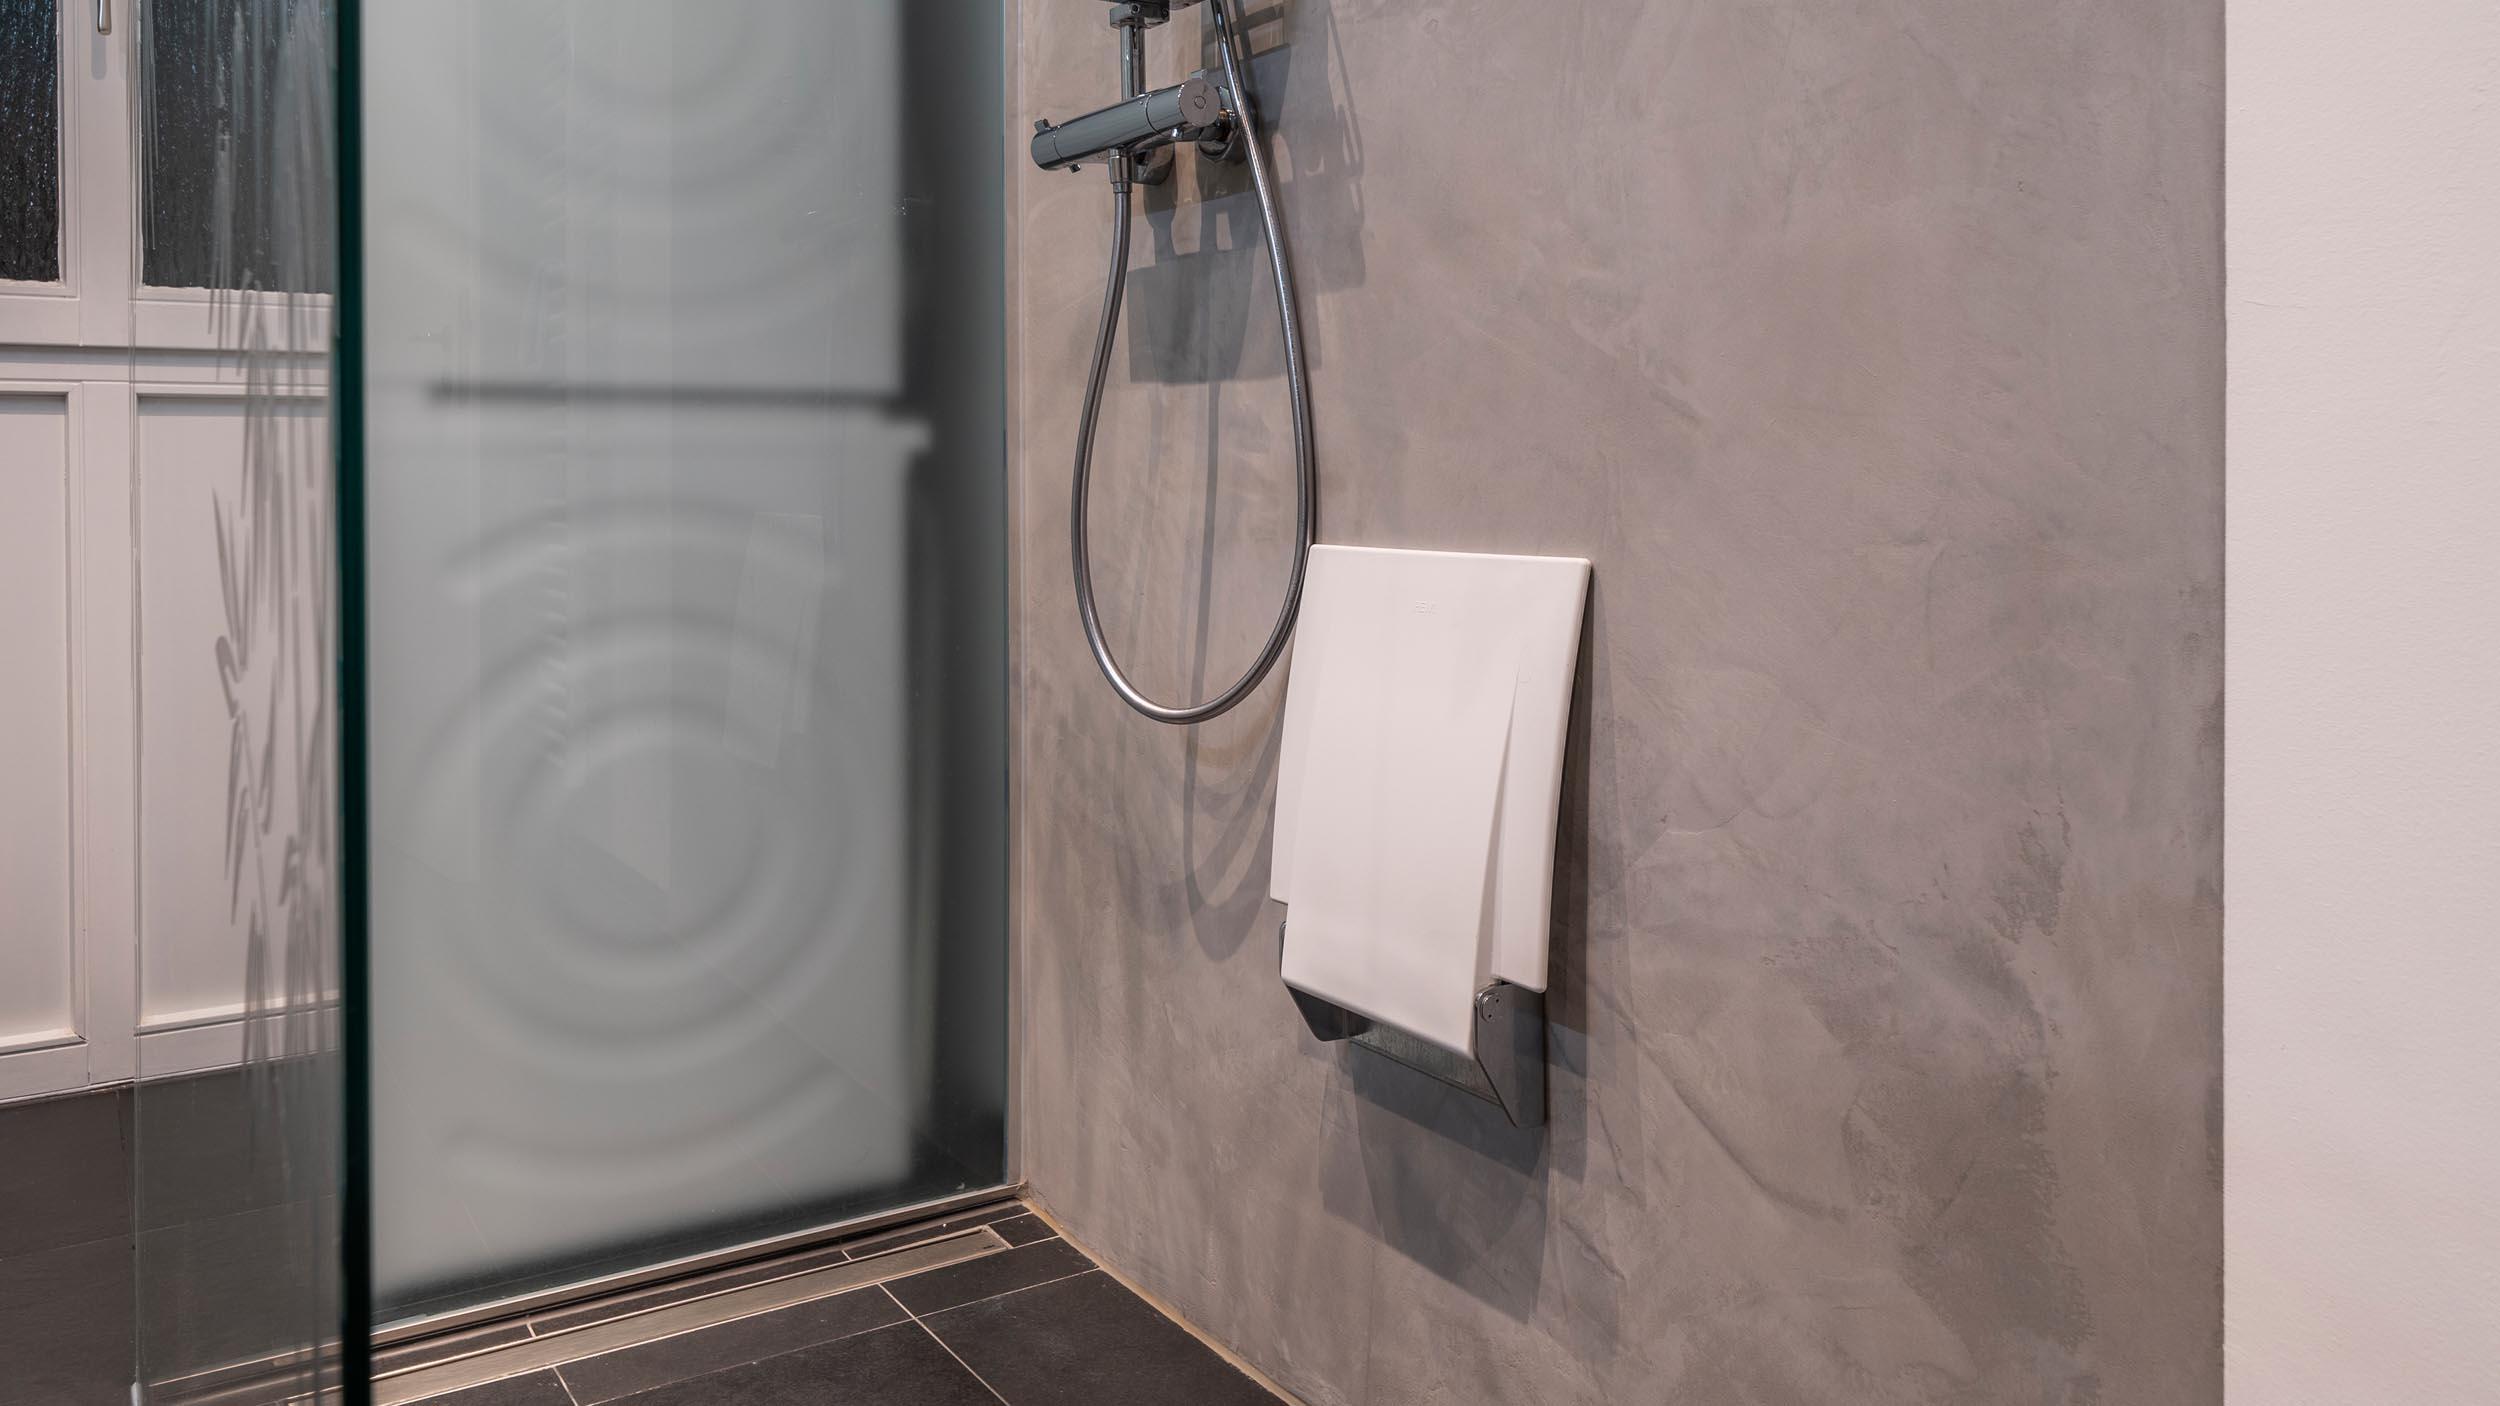 klappbarer Duschsitz in der Dusche